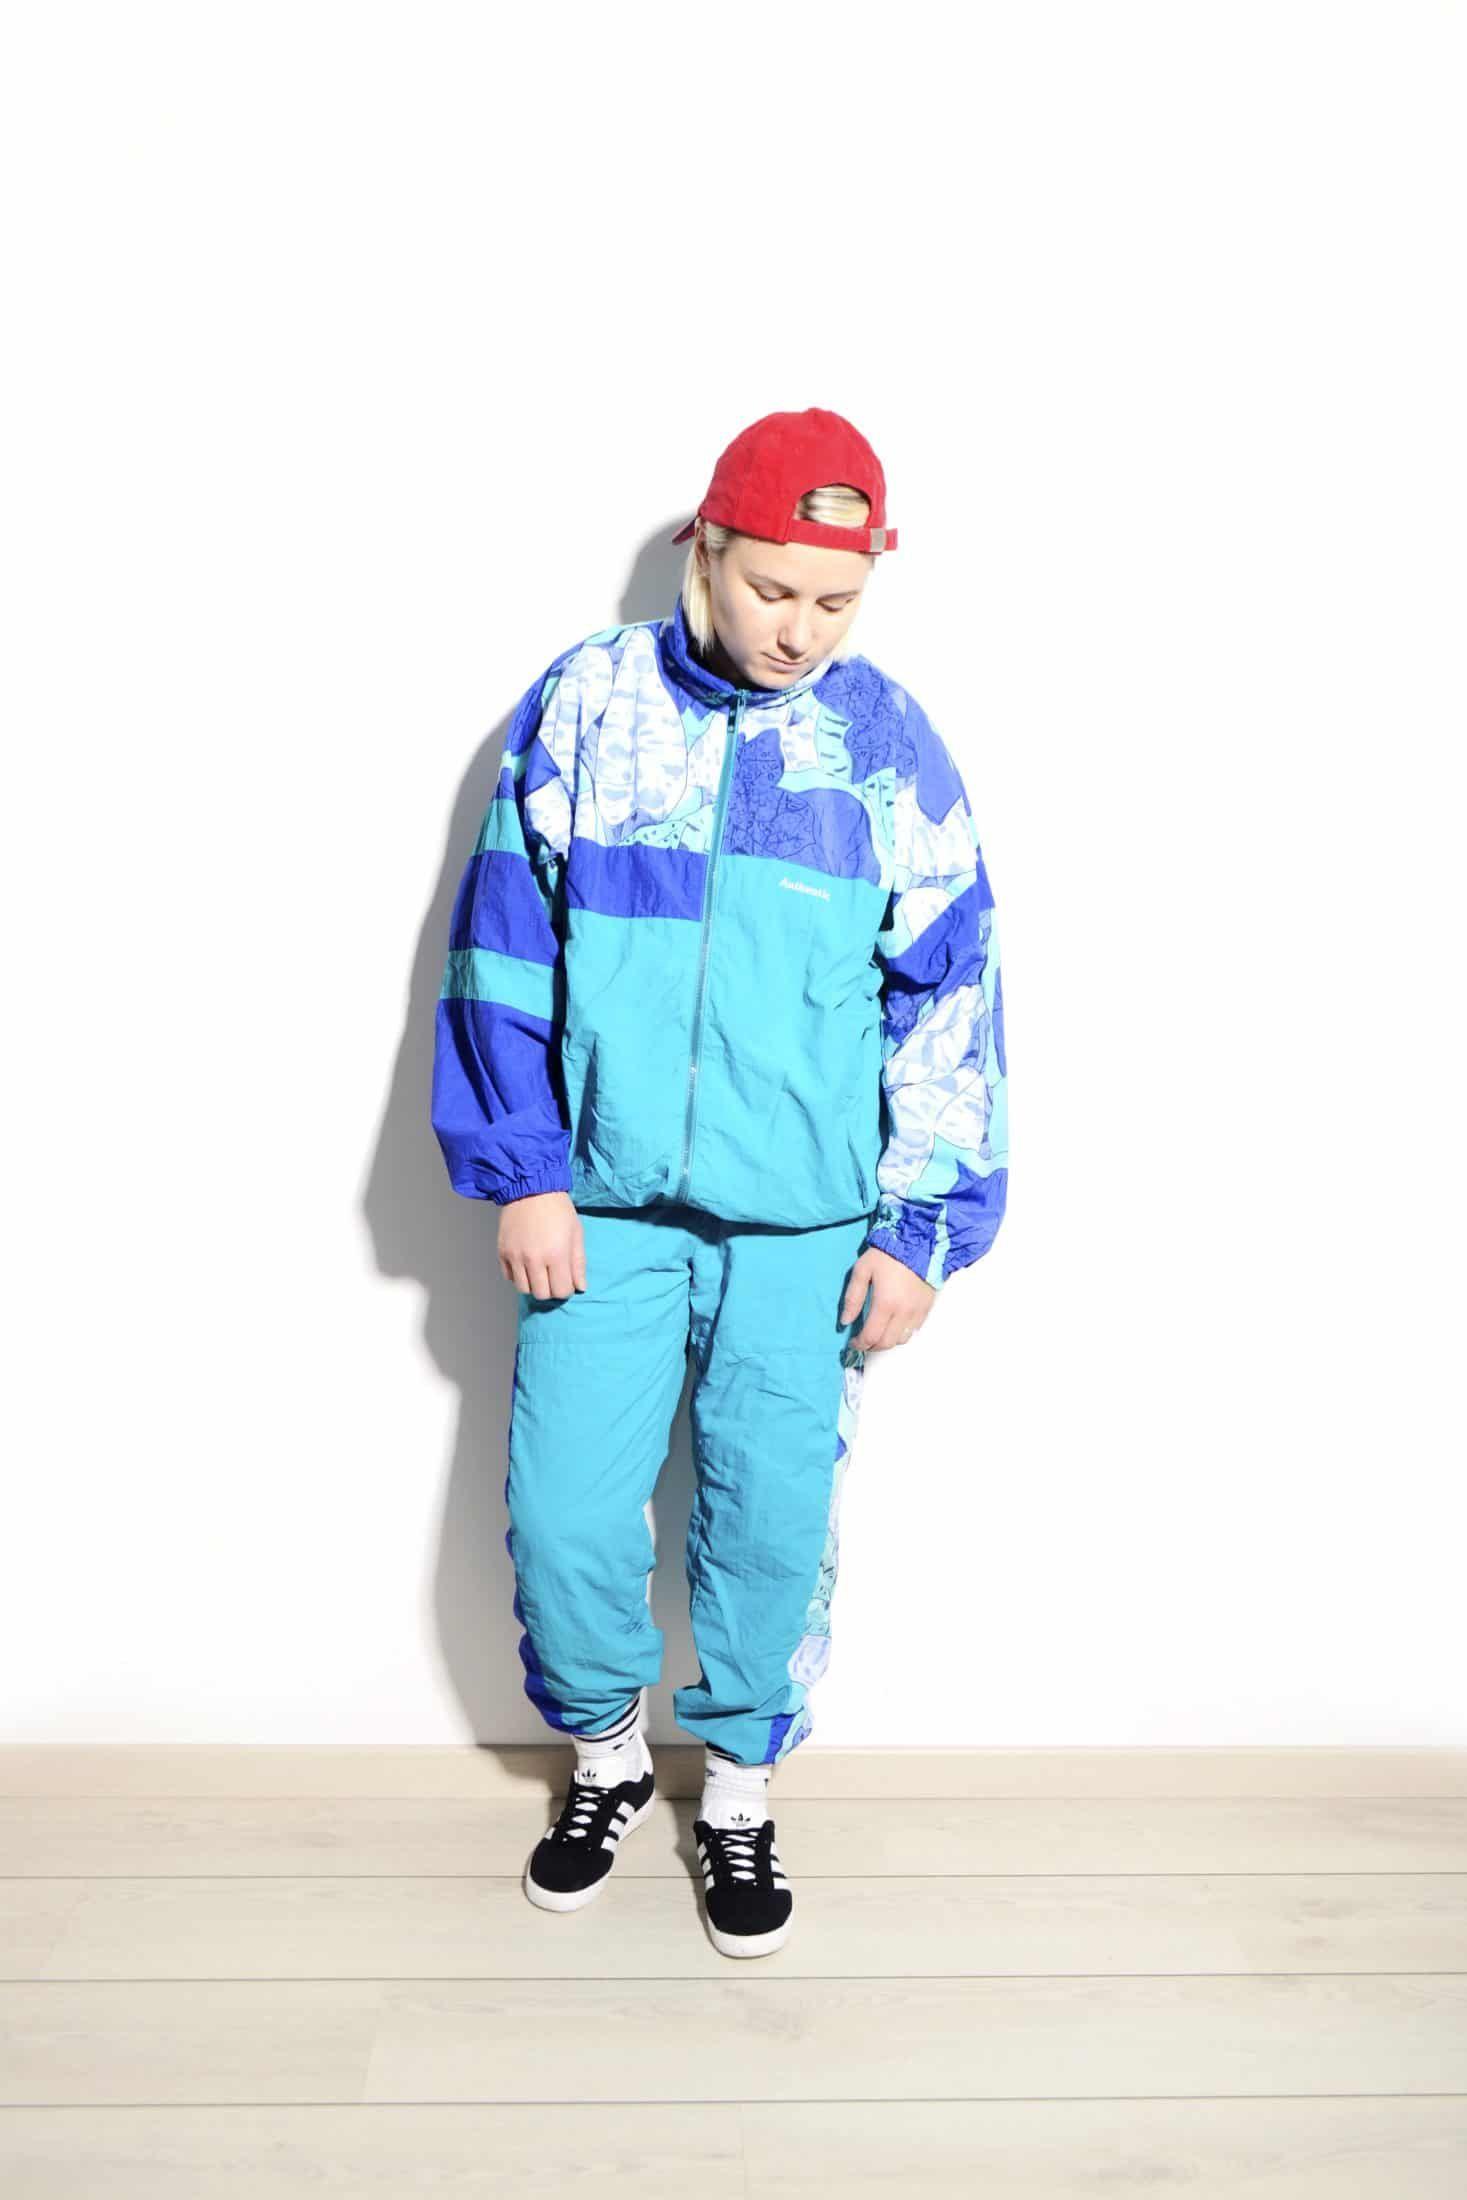 Vintage 90s Shellsuit Authentic Vintage Clothing Online Online Clothing Stores Vintage Outfits